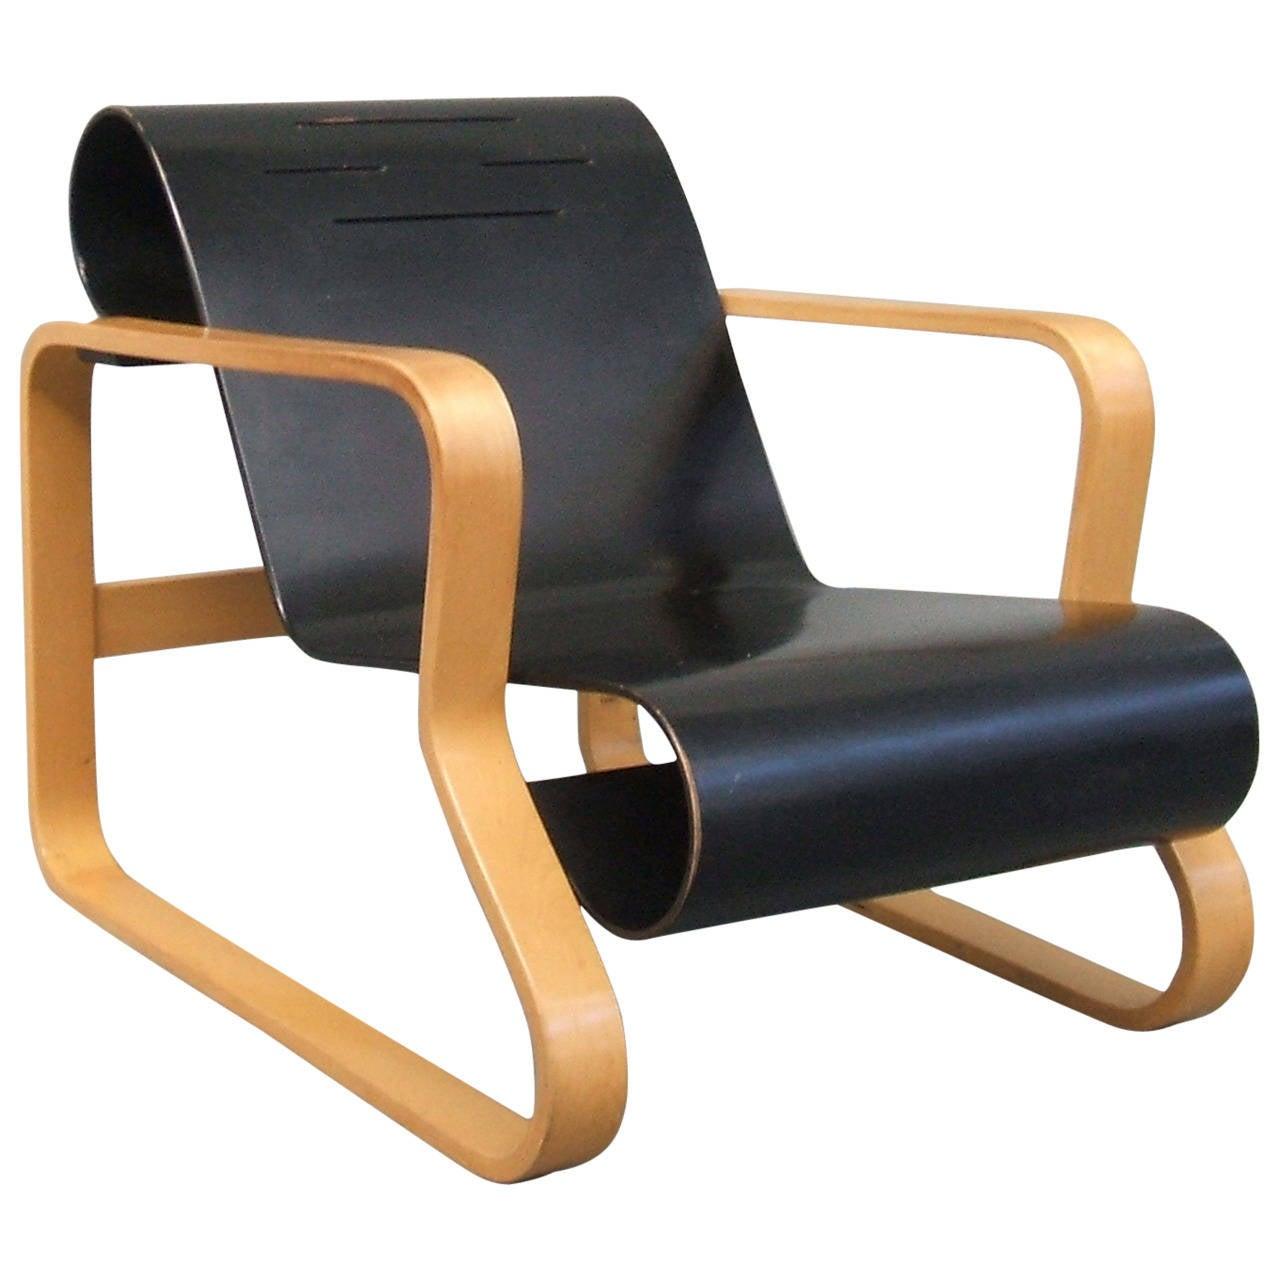 Paimio armchair by alvar aalto at 1stdibs for Alvar aalto chaise